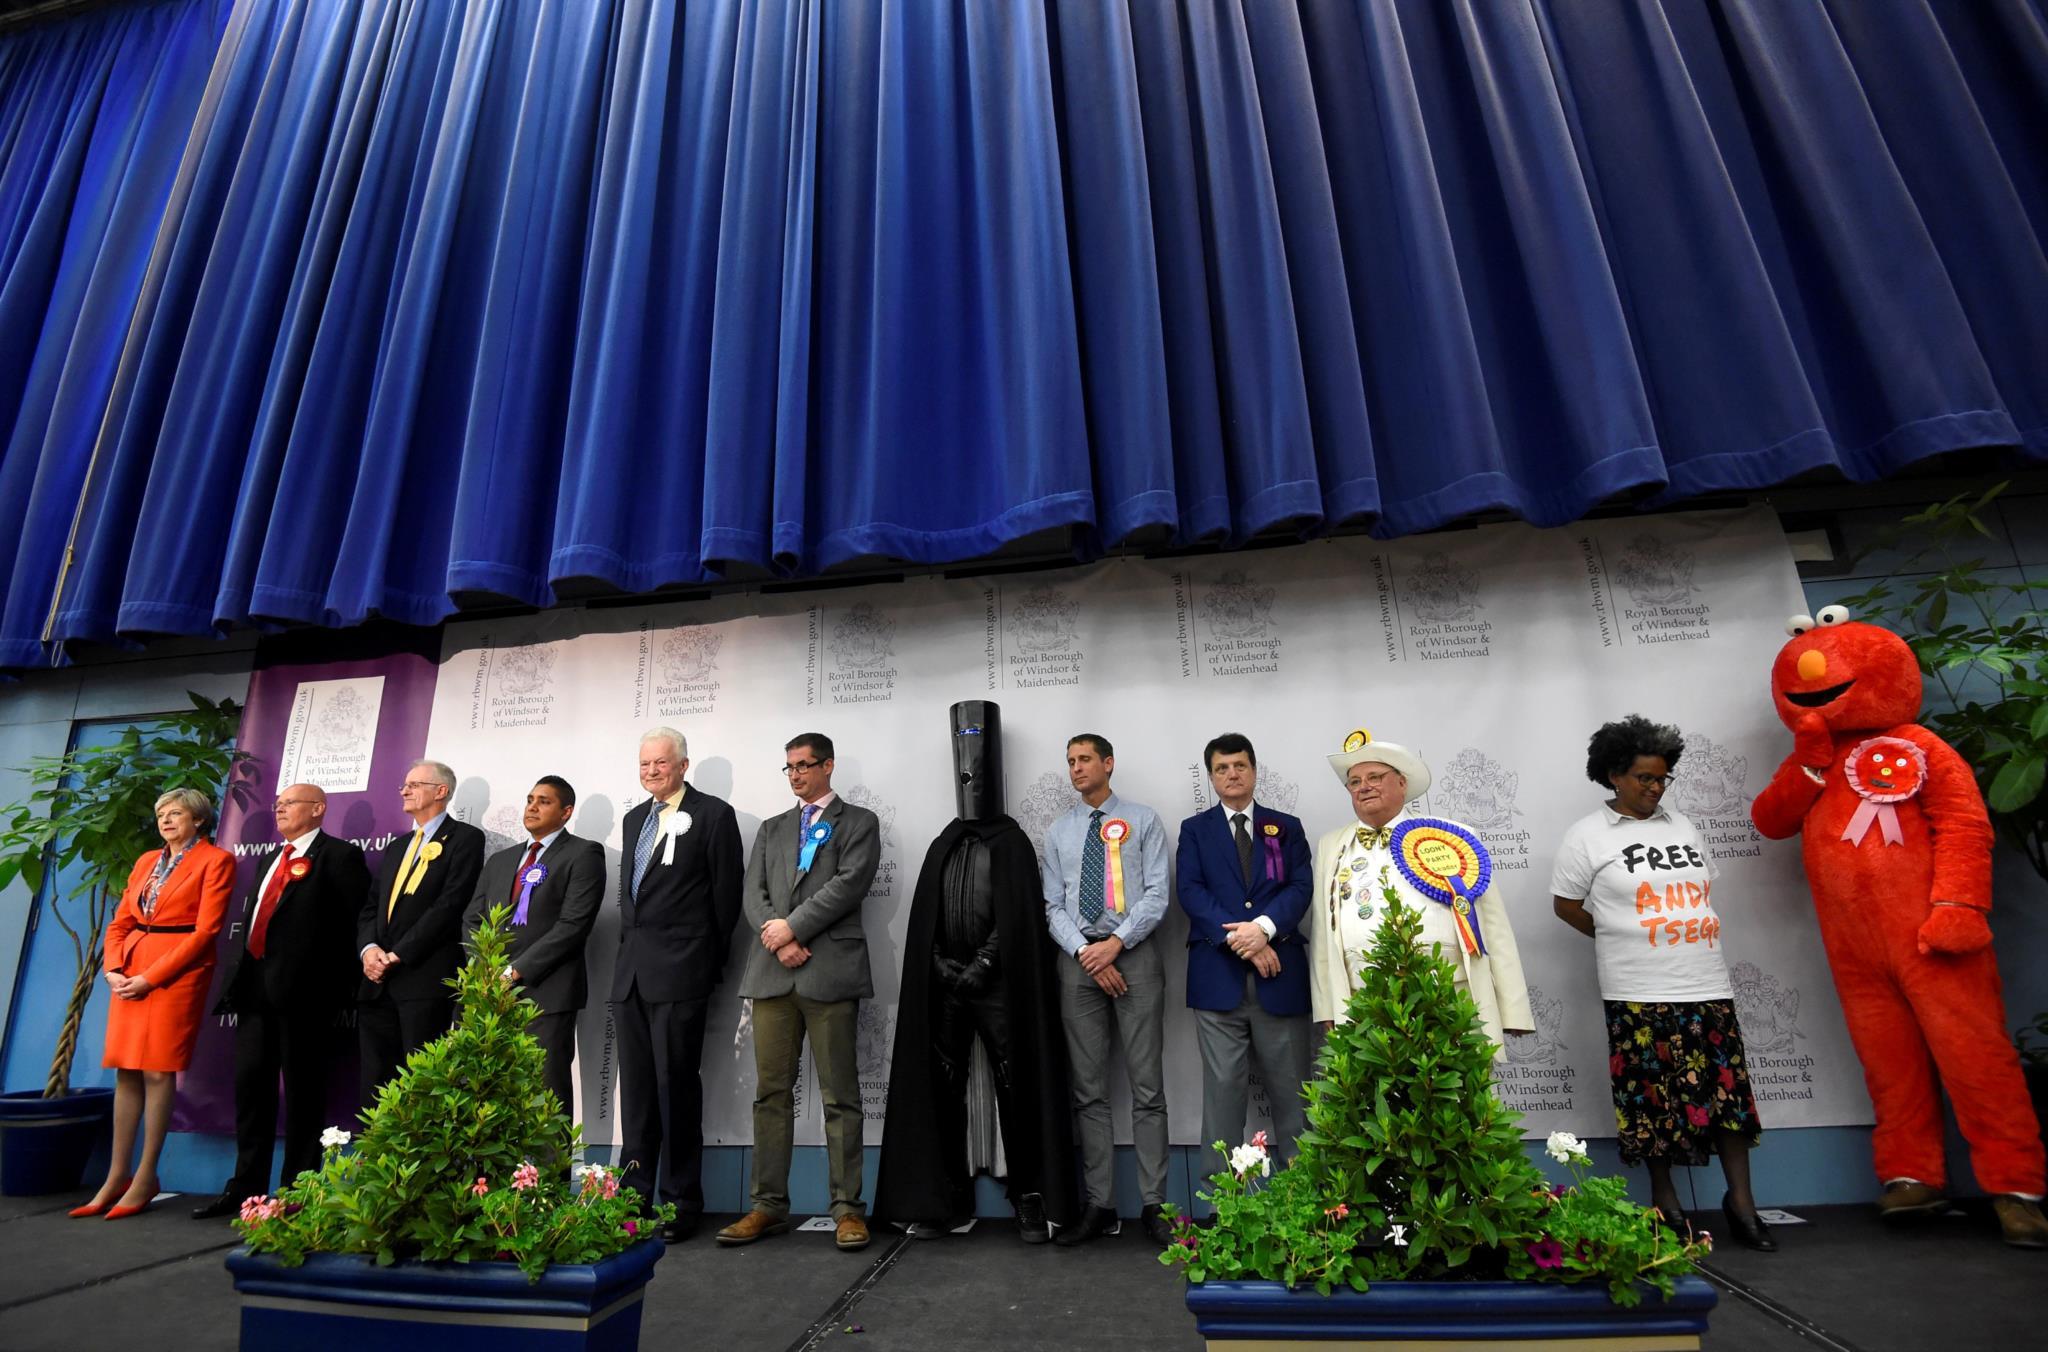 A primeira-ministra Theresa May aguarda pelo anúncio dos resultados no seu círculo eleitoral junto dos restantes candidatos